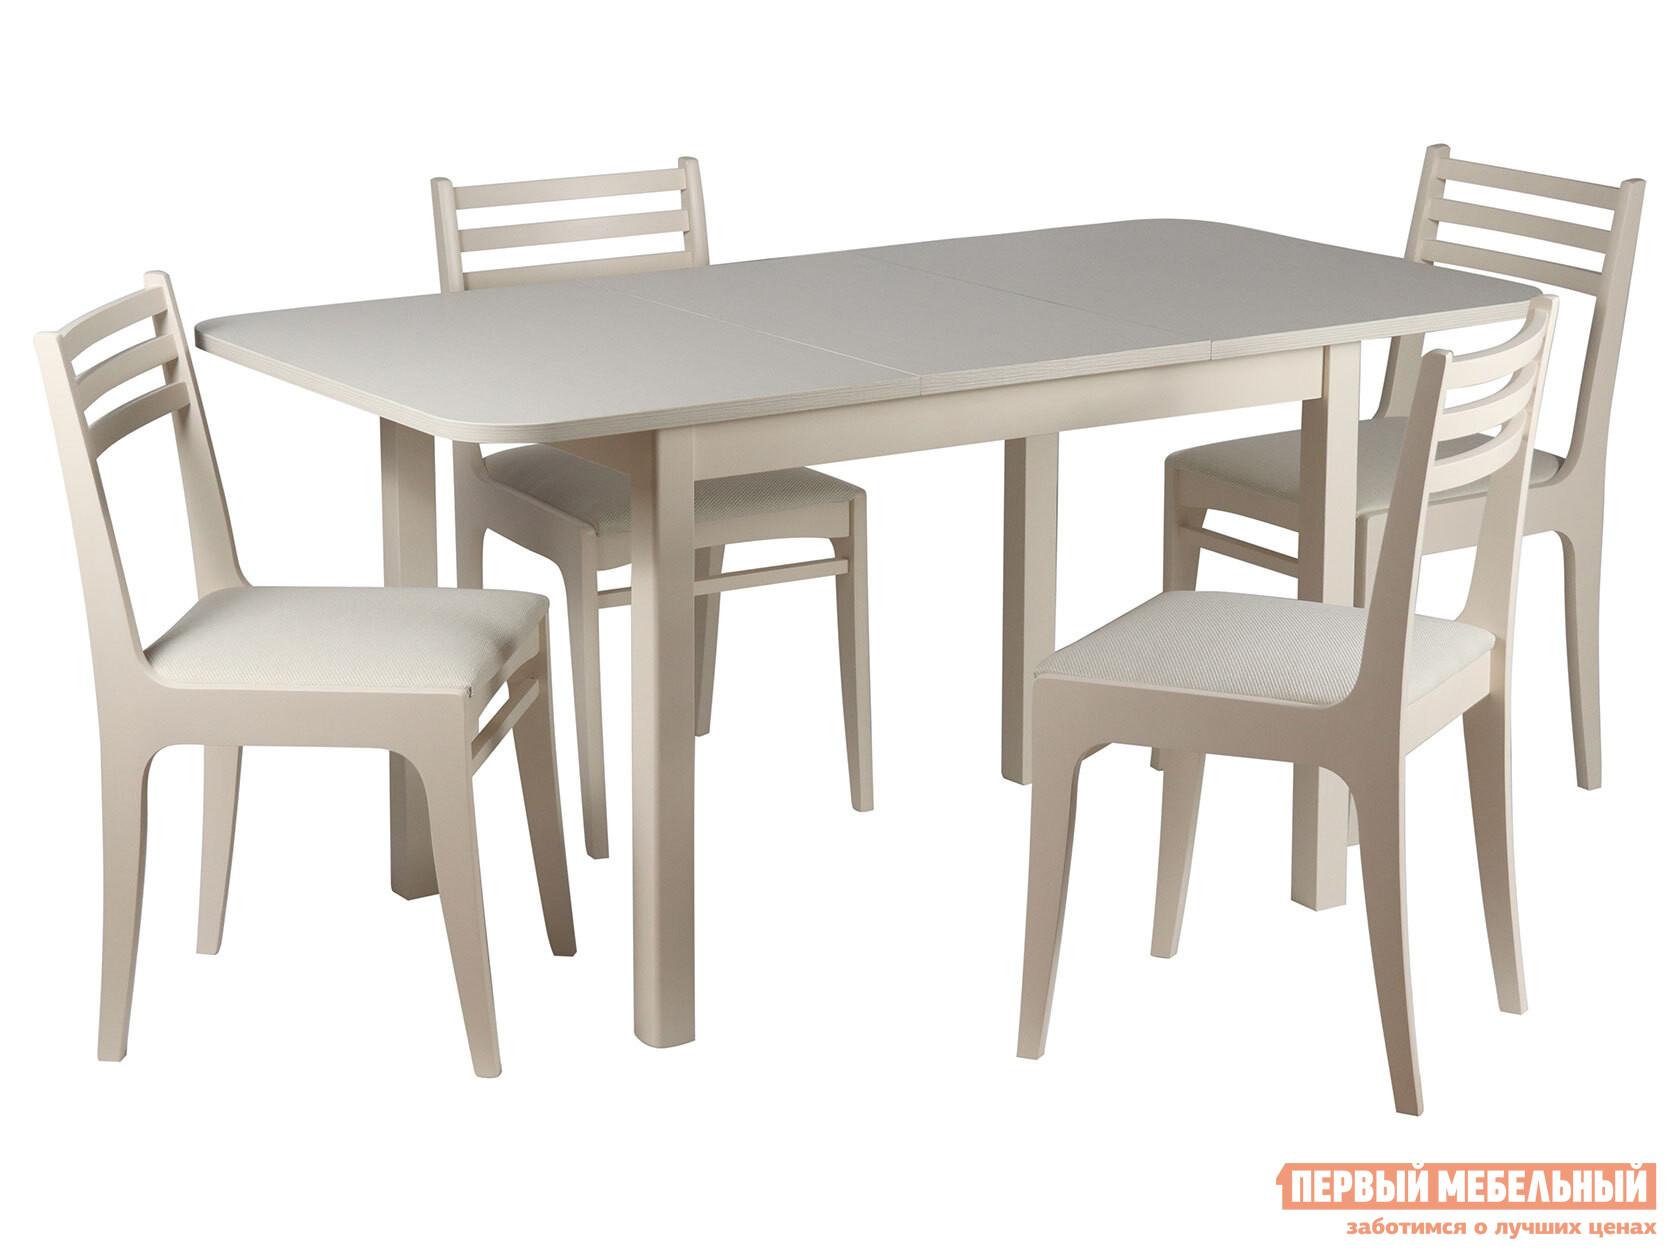 Обеденная группа для столовой и гостиной  Стол Франц СТ03Б1 + 4 стула Грис С8 Слоновая кость / Валенсия Аполло беж Мебвилл 99072